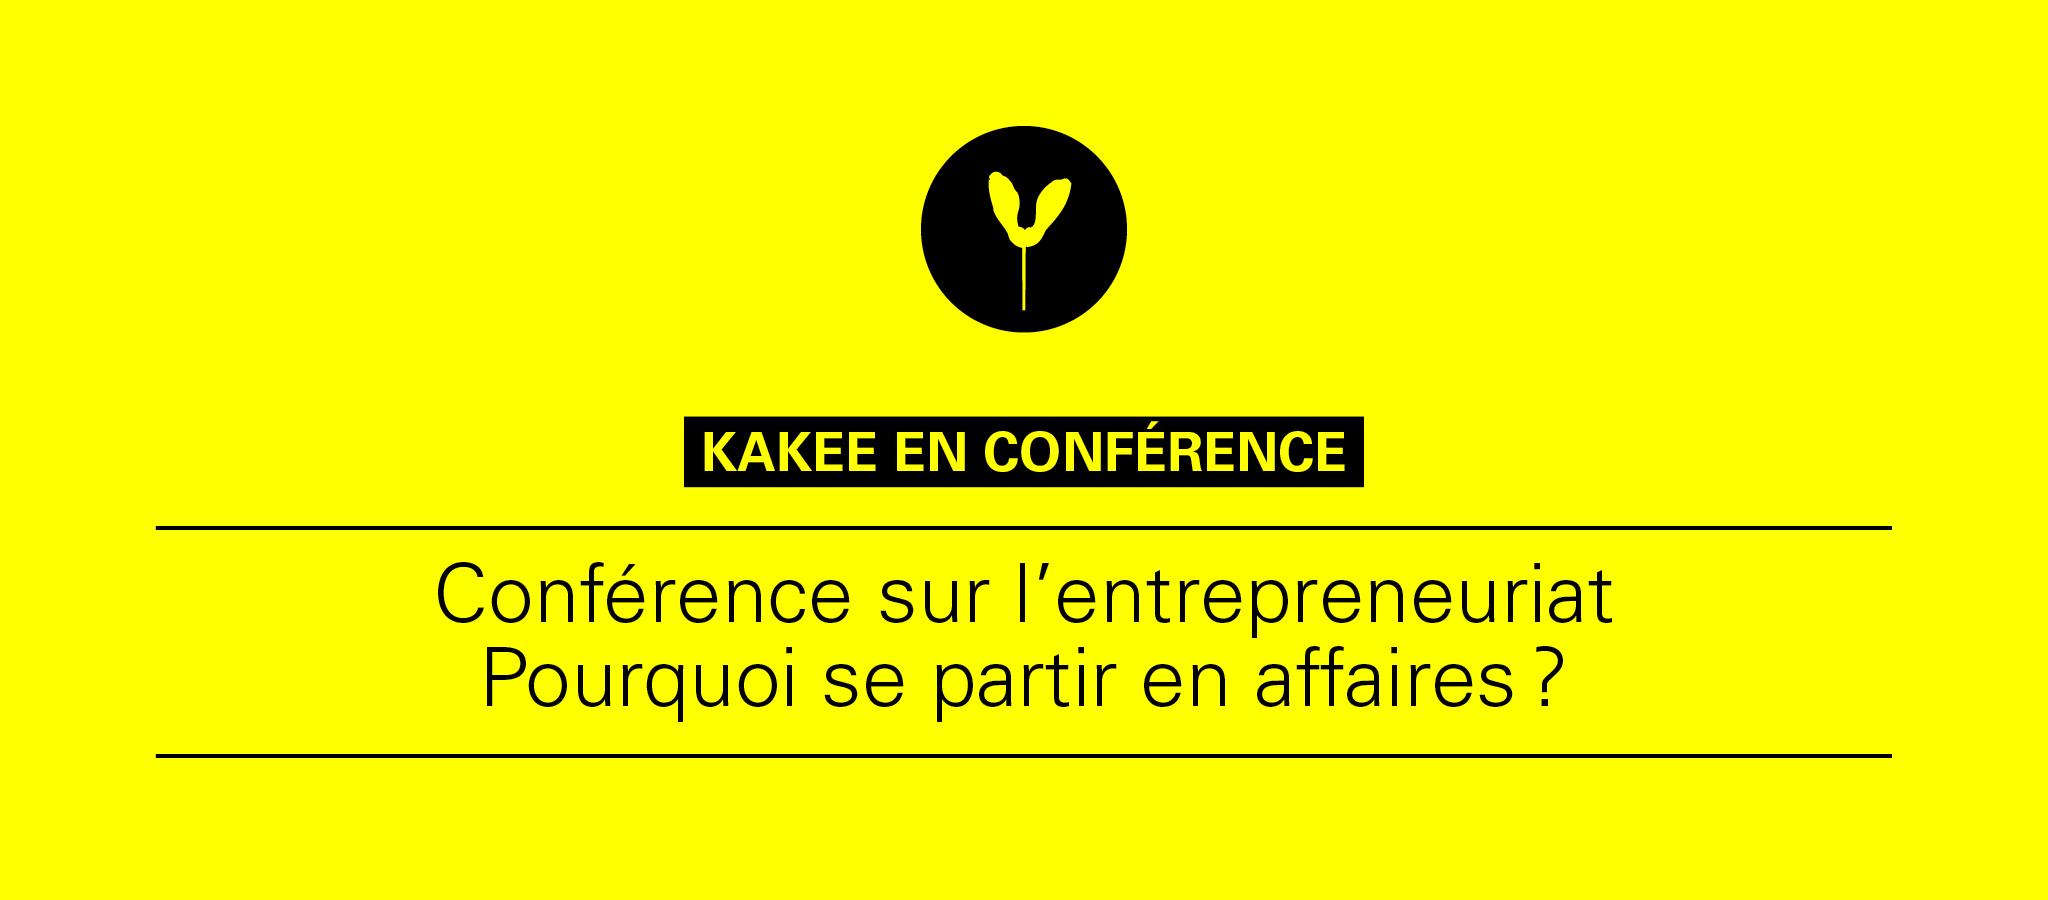 KAKEE donnera une conférence sur l'entrepreneuriat.